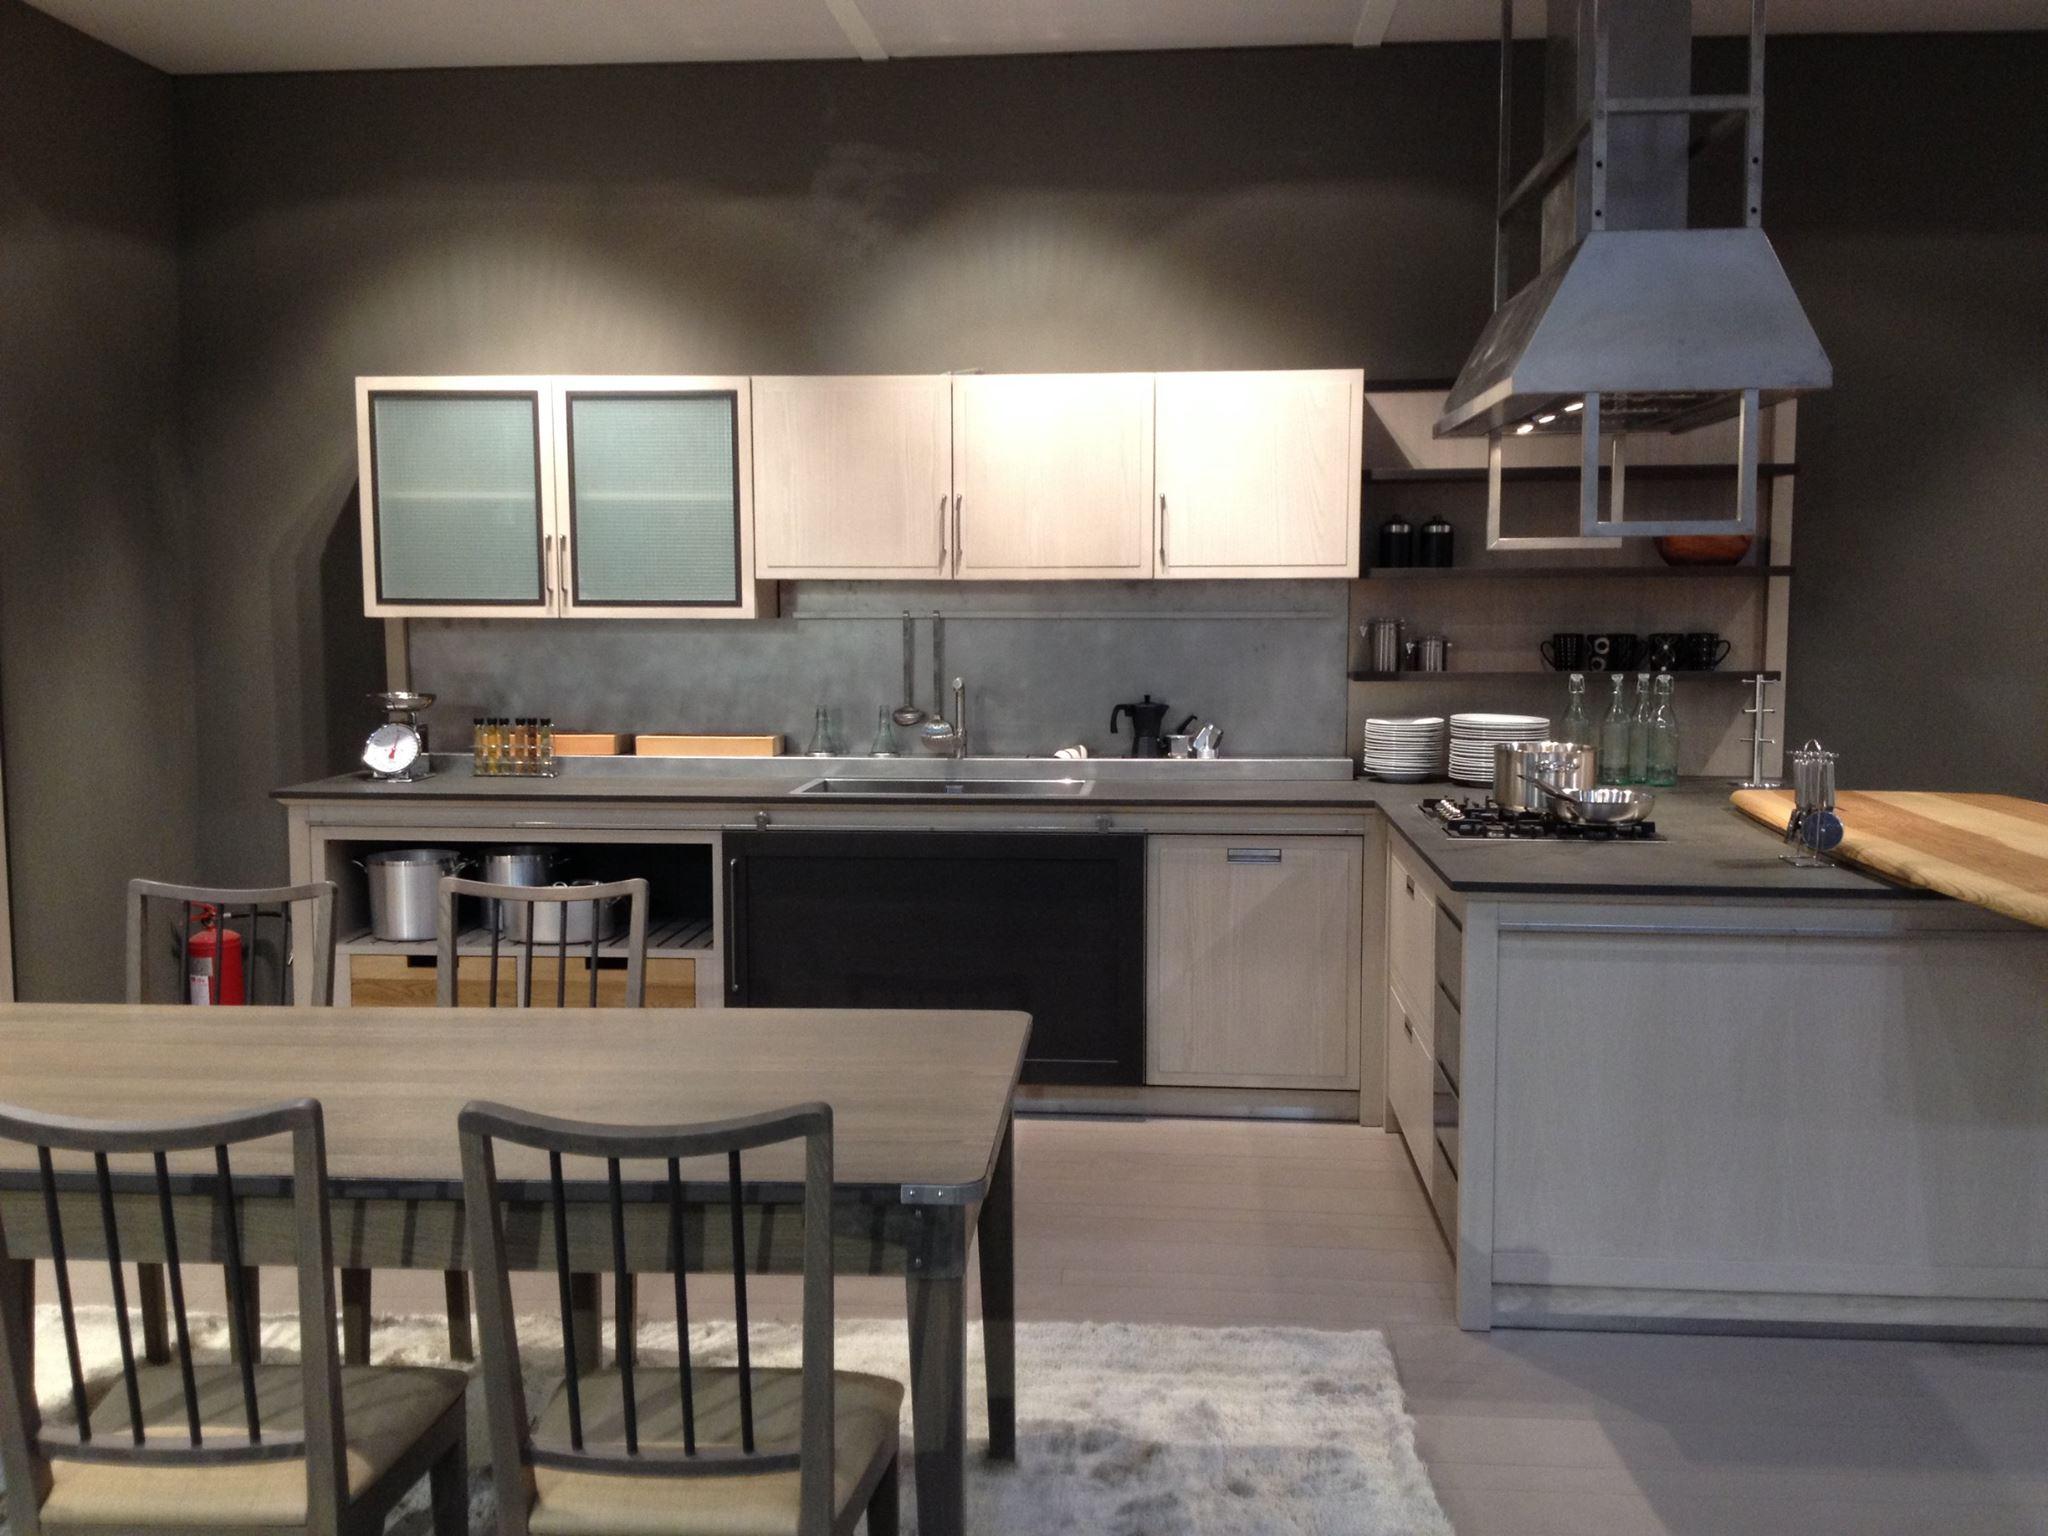 spesso Cucine Stile Industrial Chic | madgeweb.com idee di interior design TW18